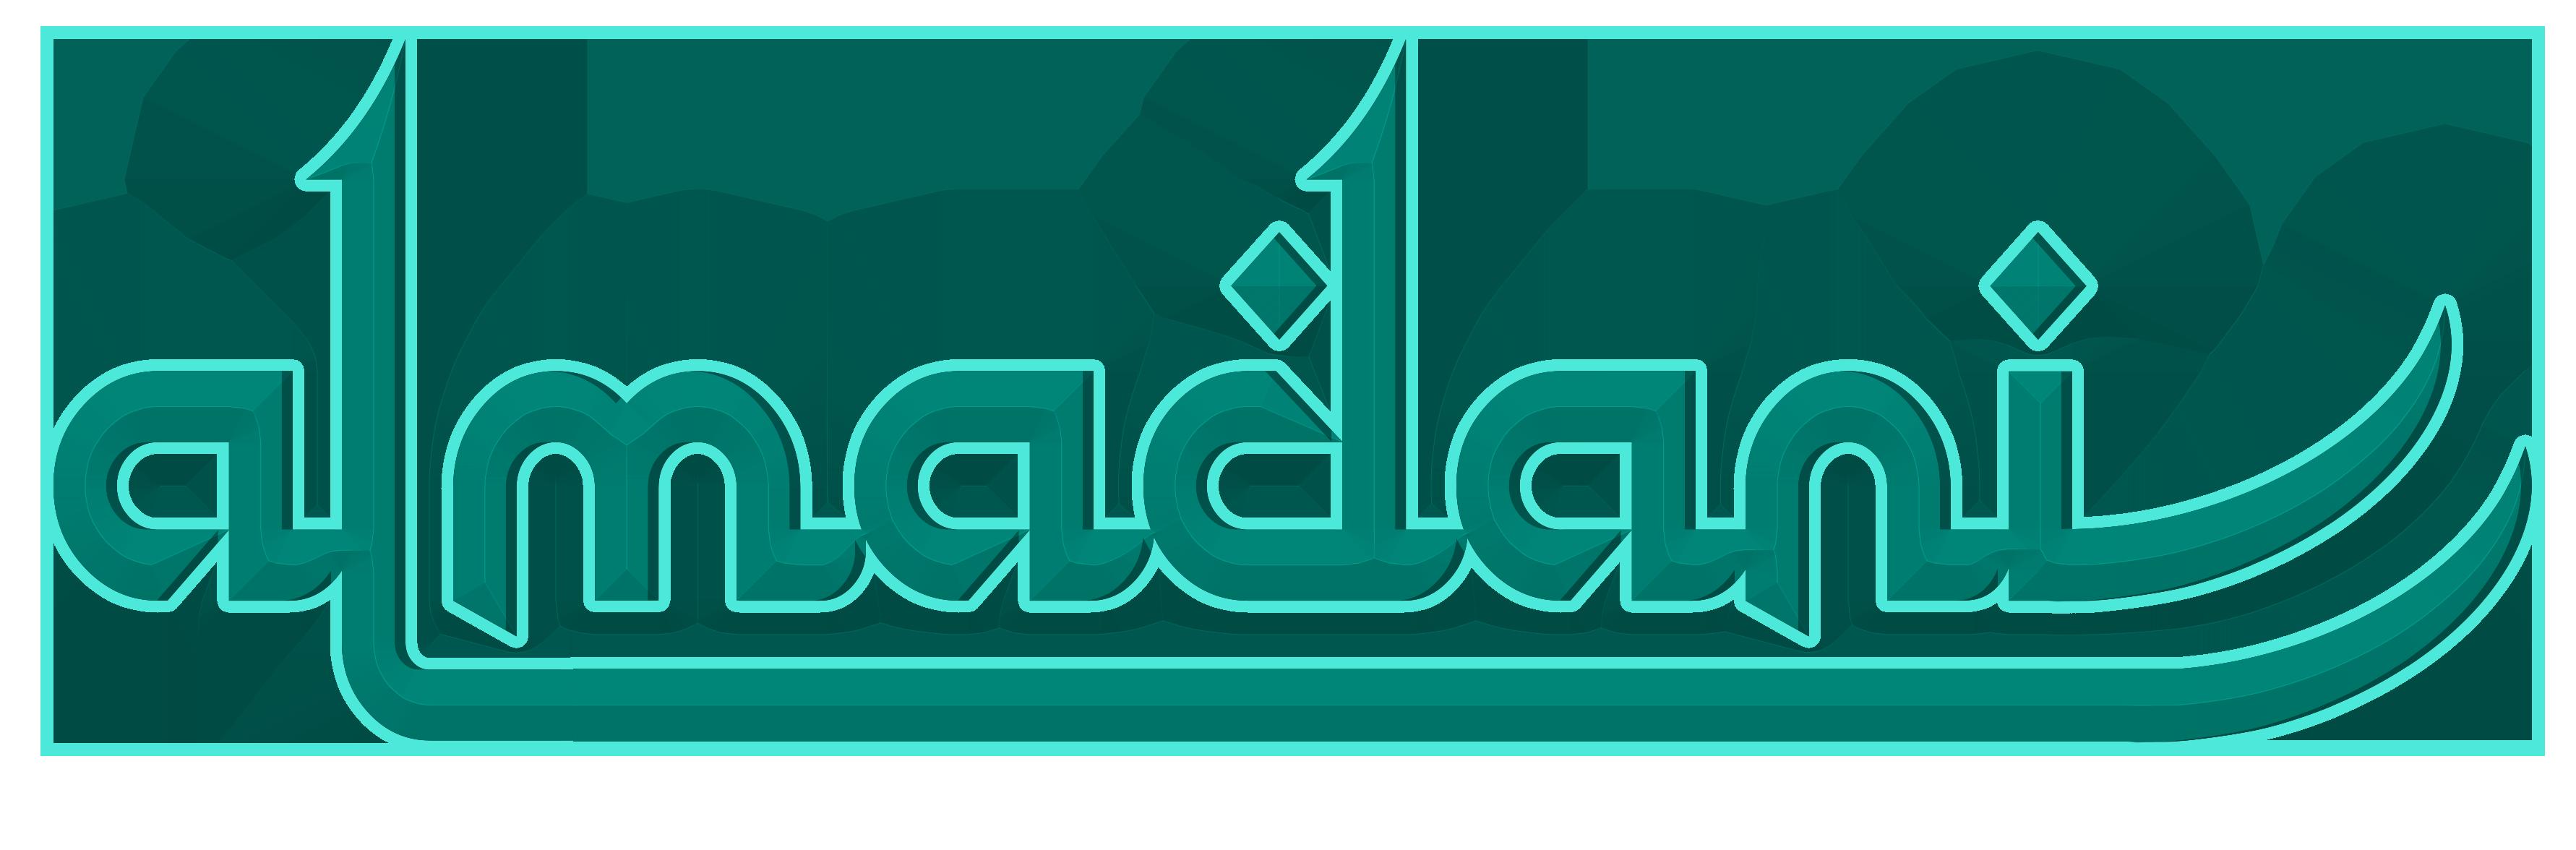 Portal Media Almadani